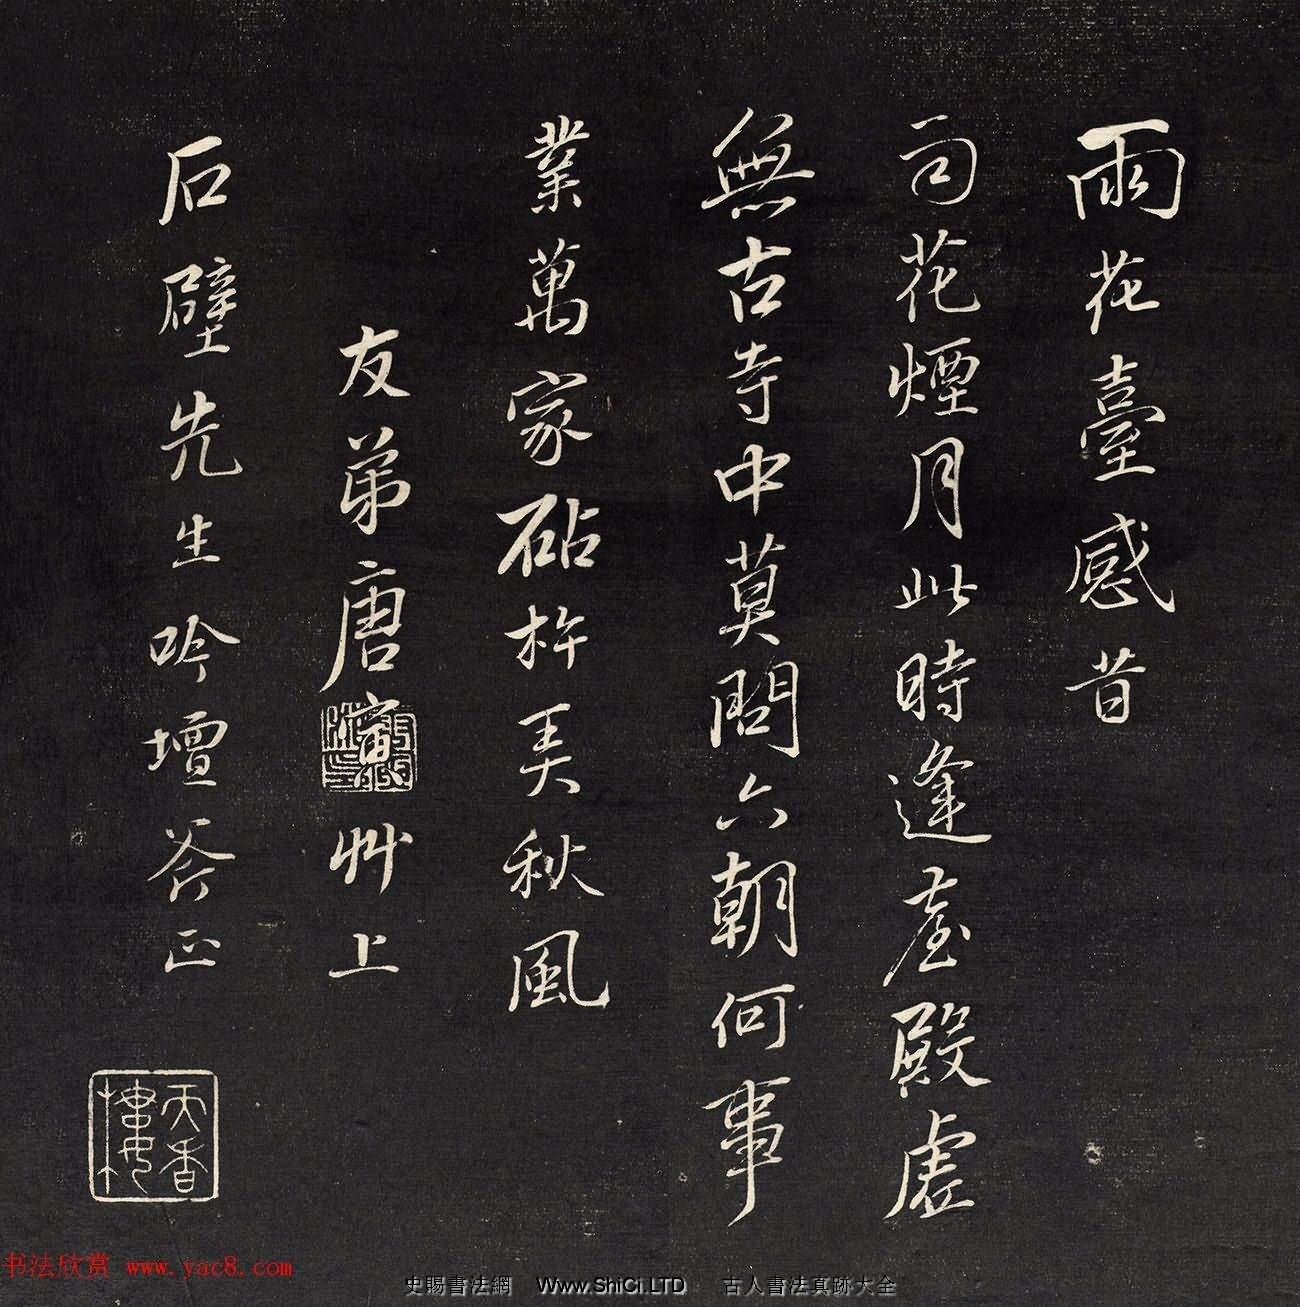 唐寅行書《雨花台感昔詩札》2種